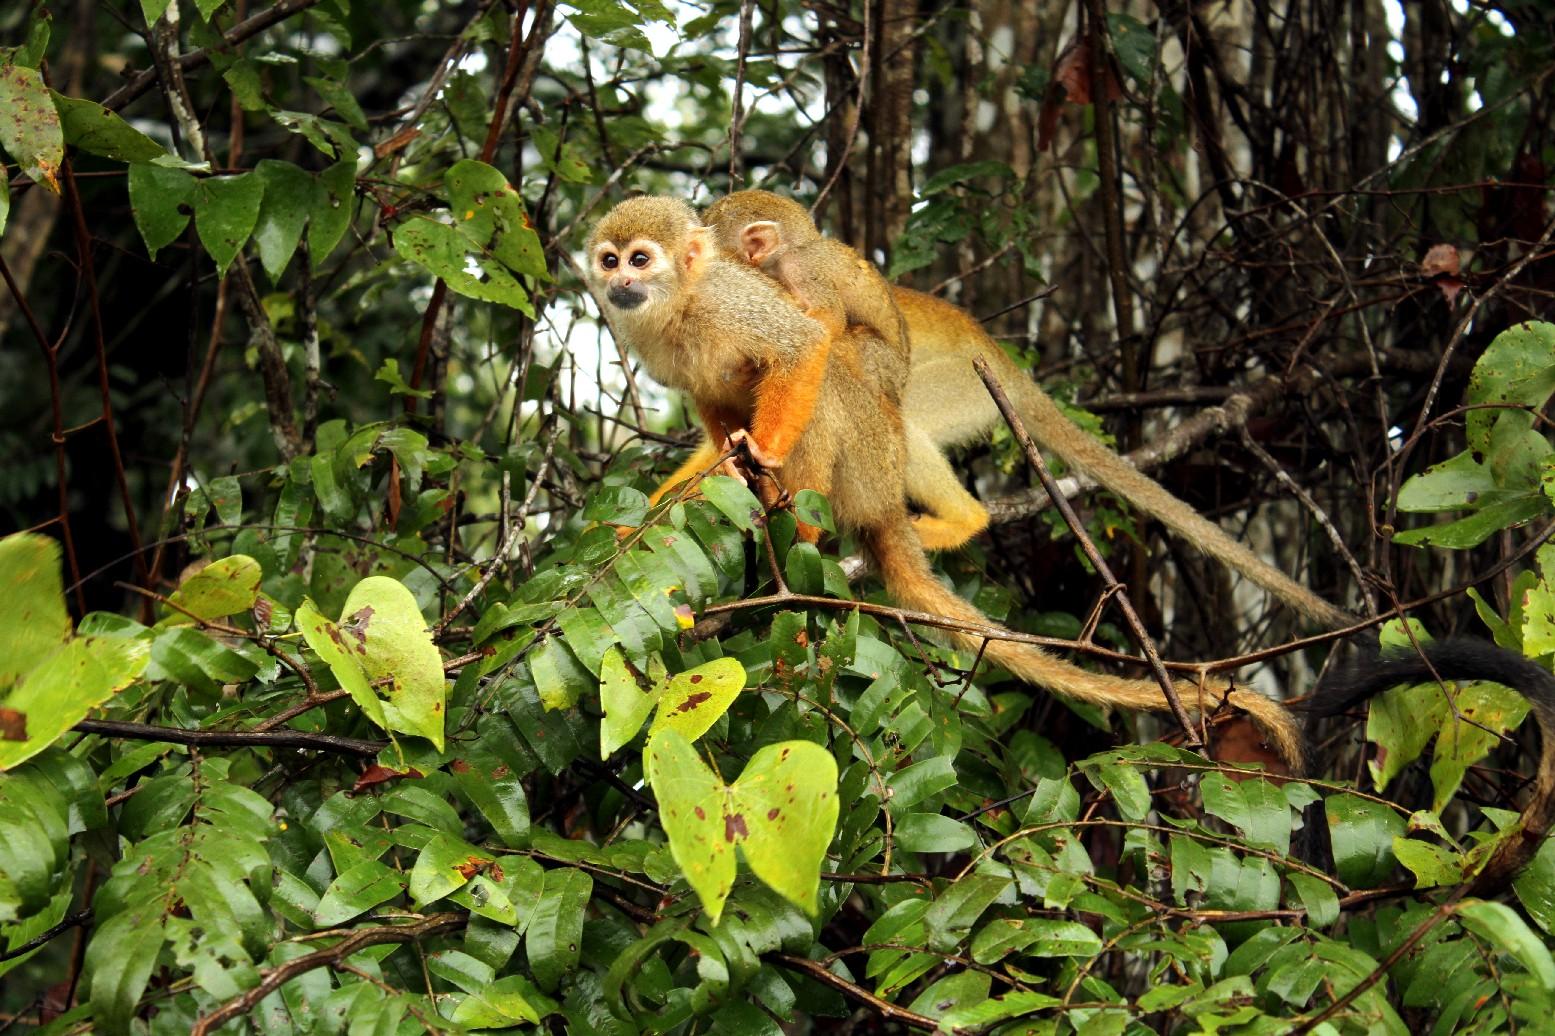 Macacos na região de Ariaú, na Amazônia (foto: Eduardo Vessoni)